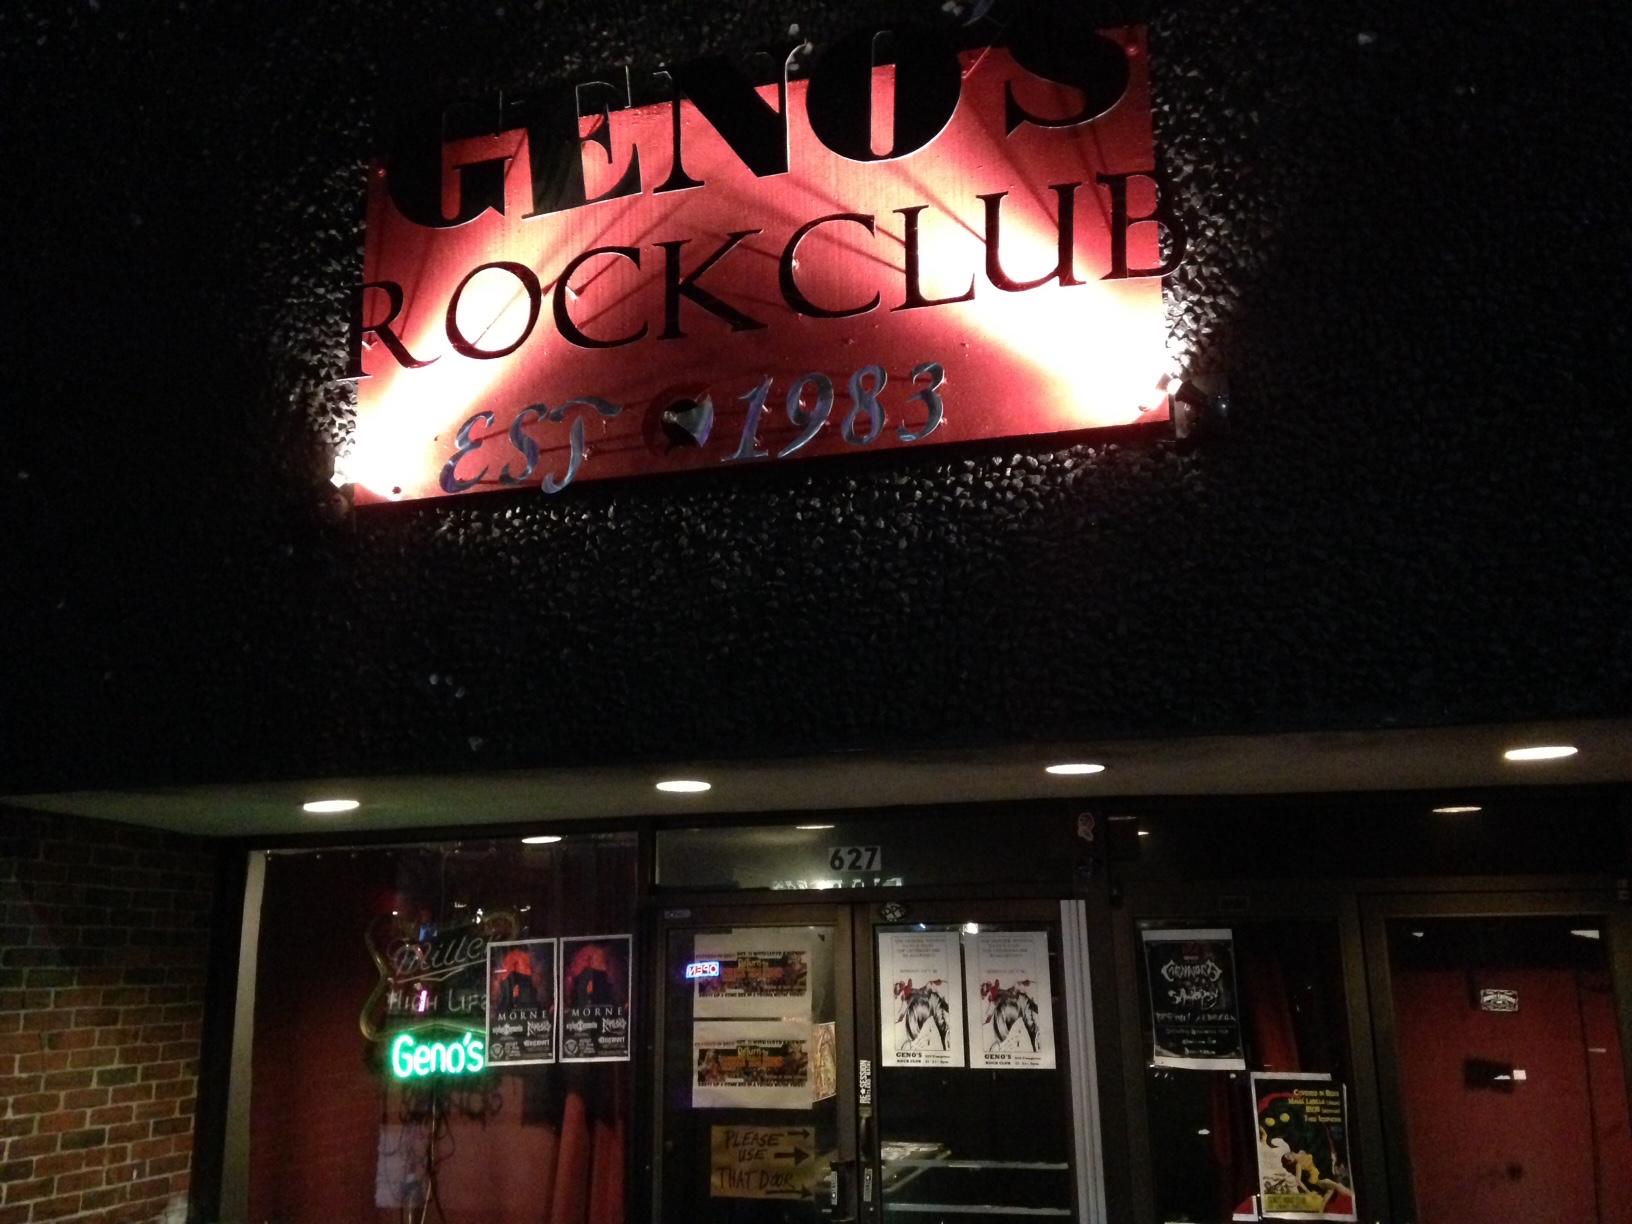 Geno's Rock Club, established in 1983.